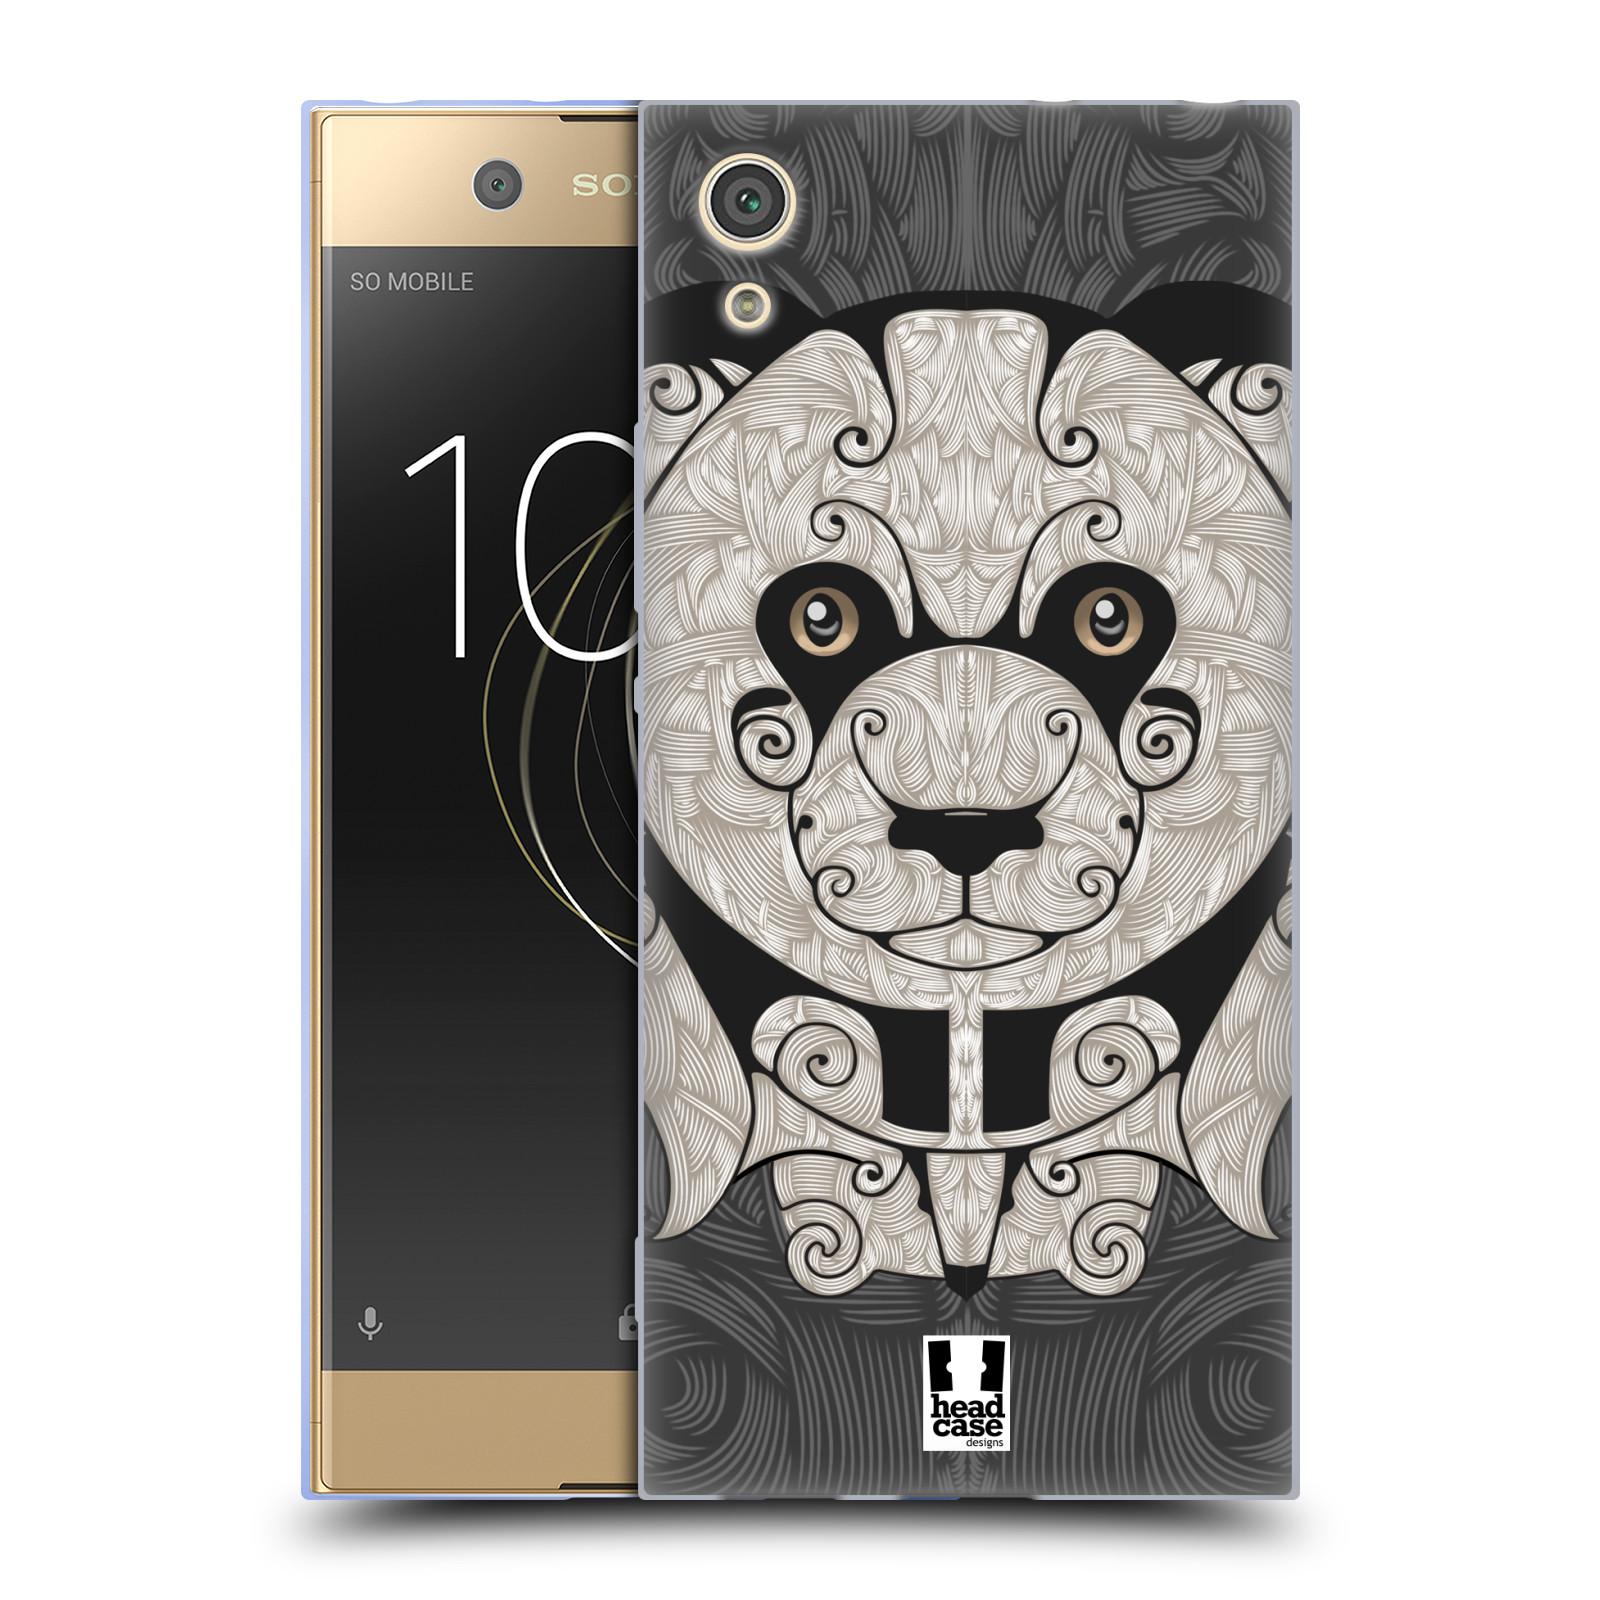 HEAD CASE silikonový obal na mobil Sony Xperia XA1 / XA1 DUAL SIM vzor kudrlinky zvíře panda